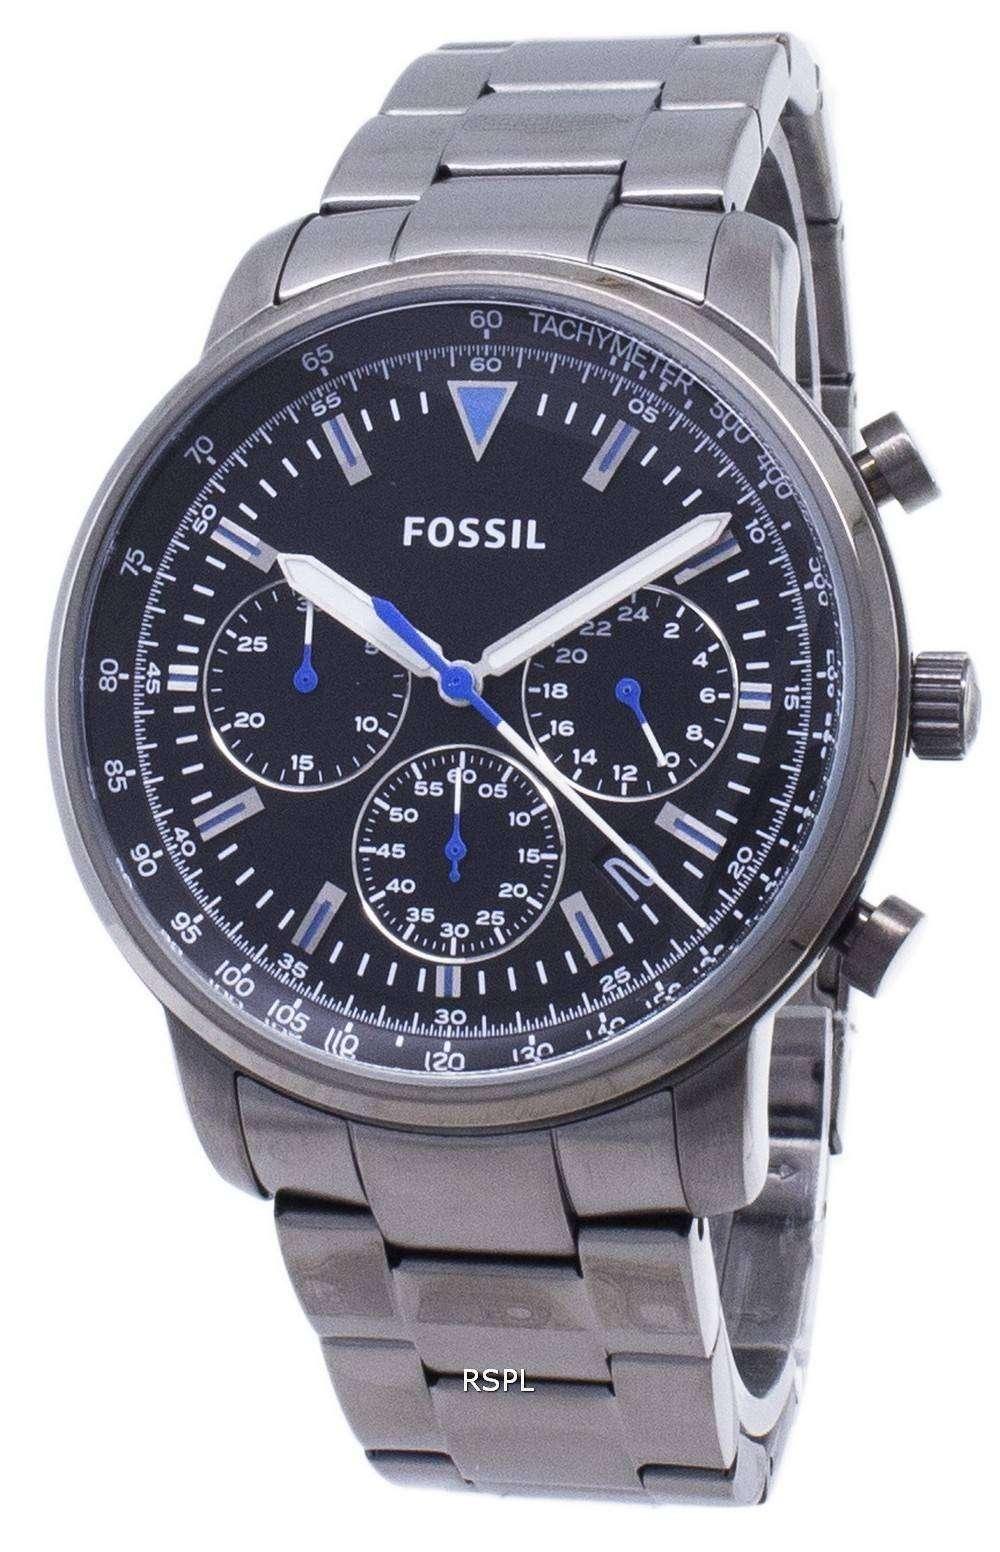 화석 굿 윈 FS5518 크로 노 그래프 쿼 츠 남성용 손목시계